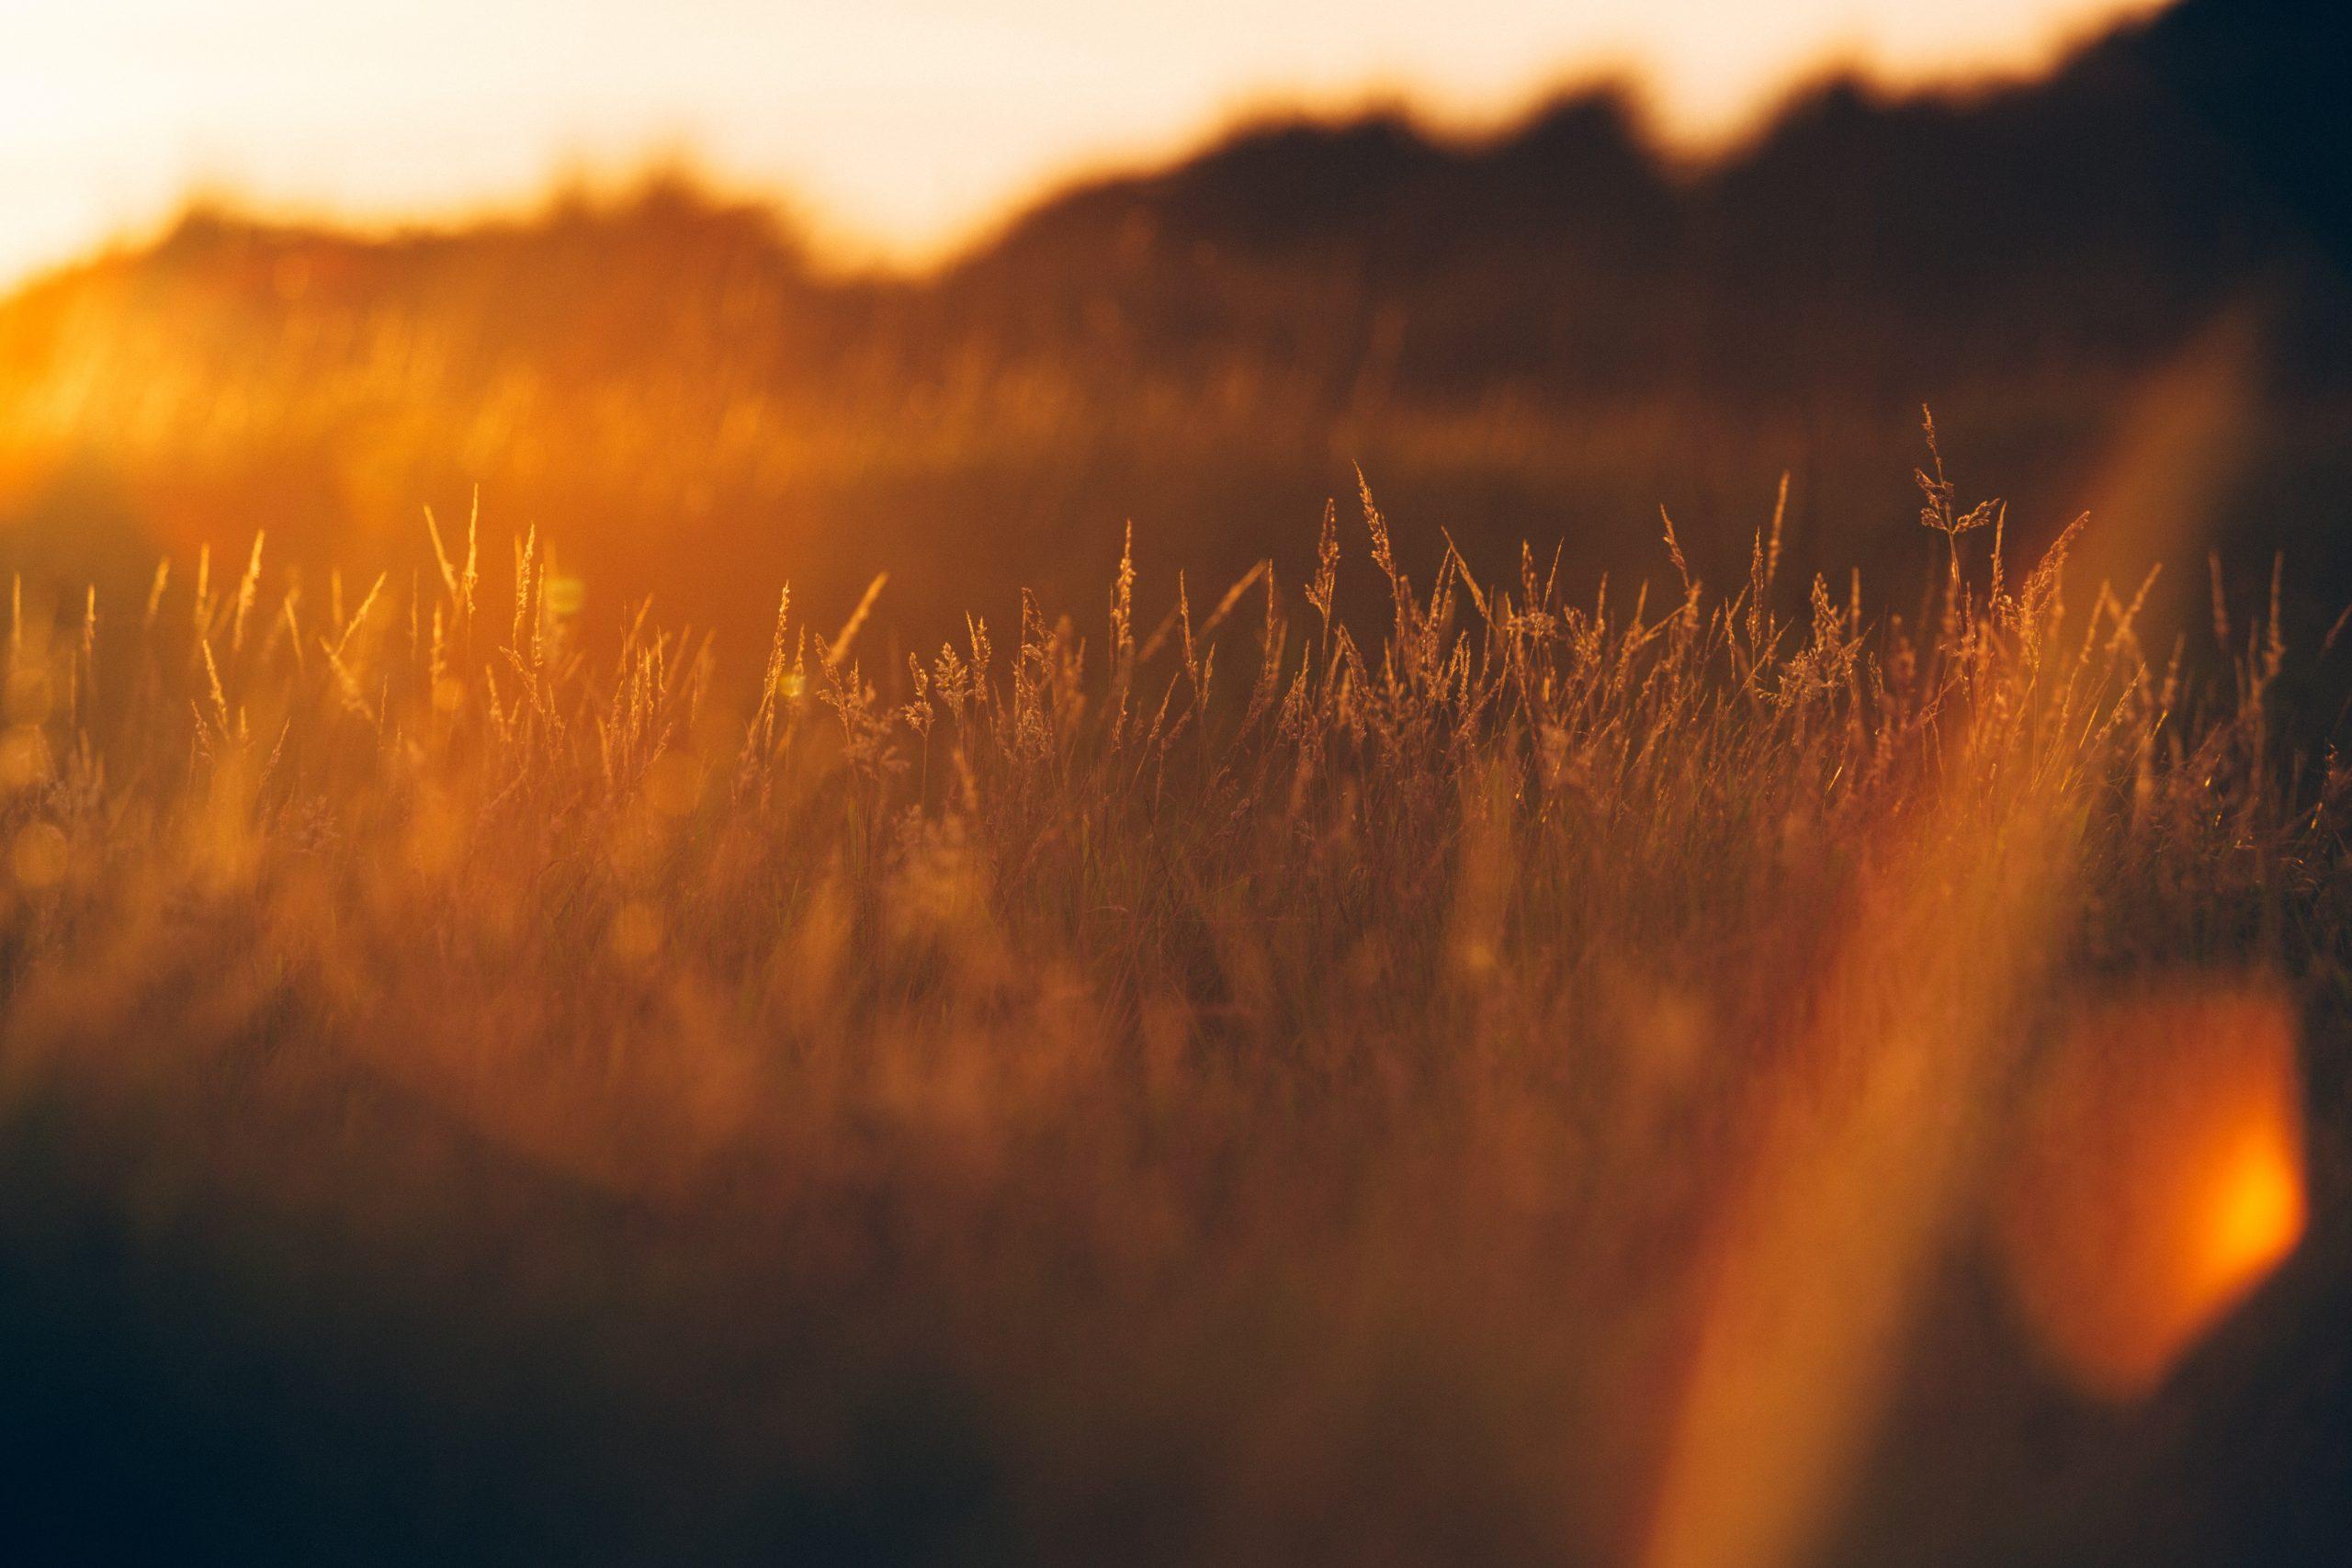 Auringonlaskun oranssiksi värjäämä viljapelto